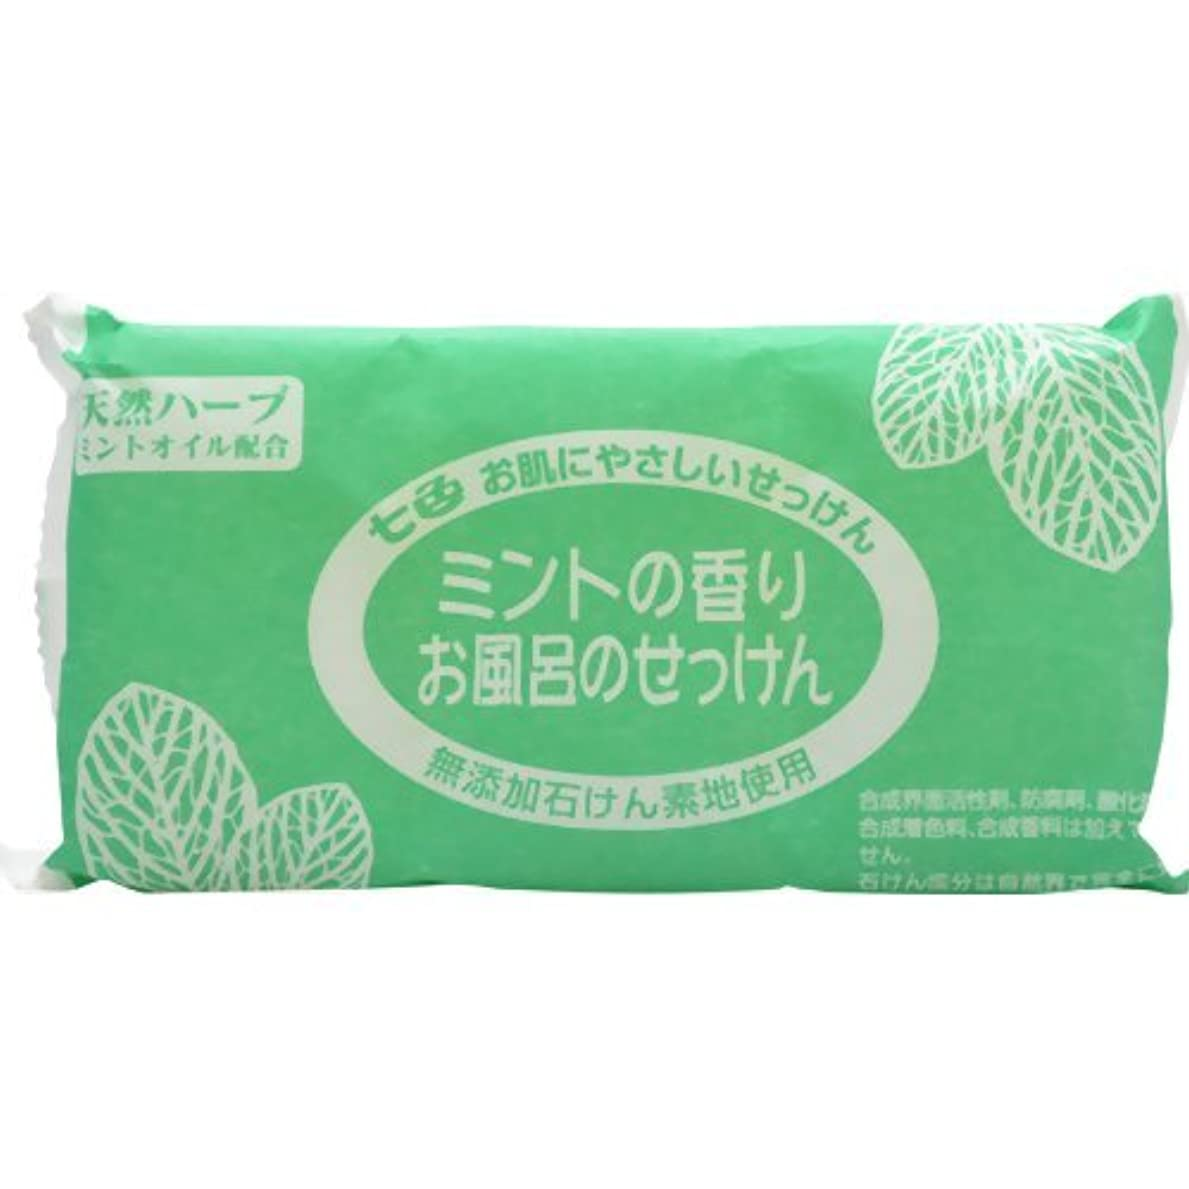 意志類推運動七色 お風呂のせっけん ミントの香り(無添加石鹸) 100g×3個入